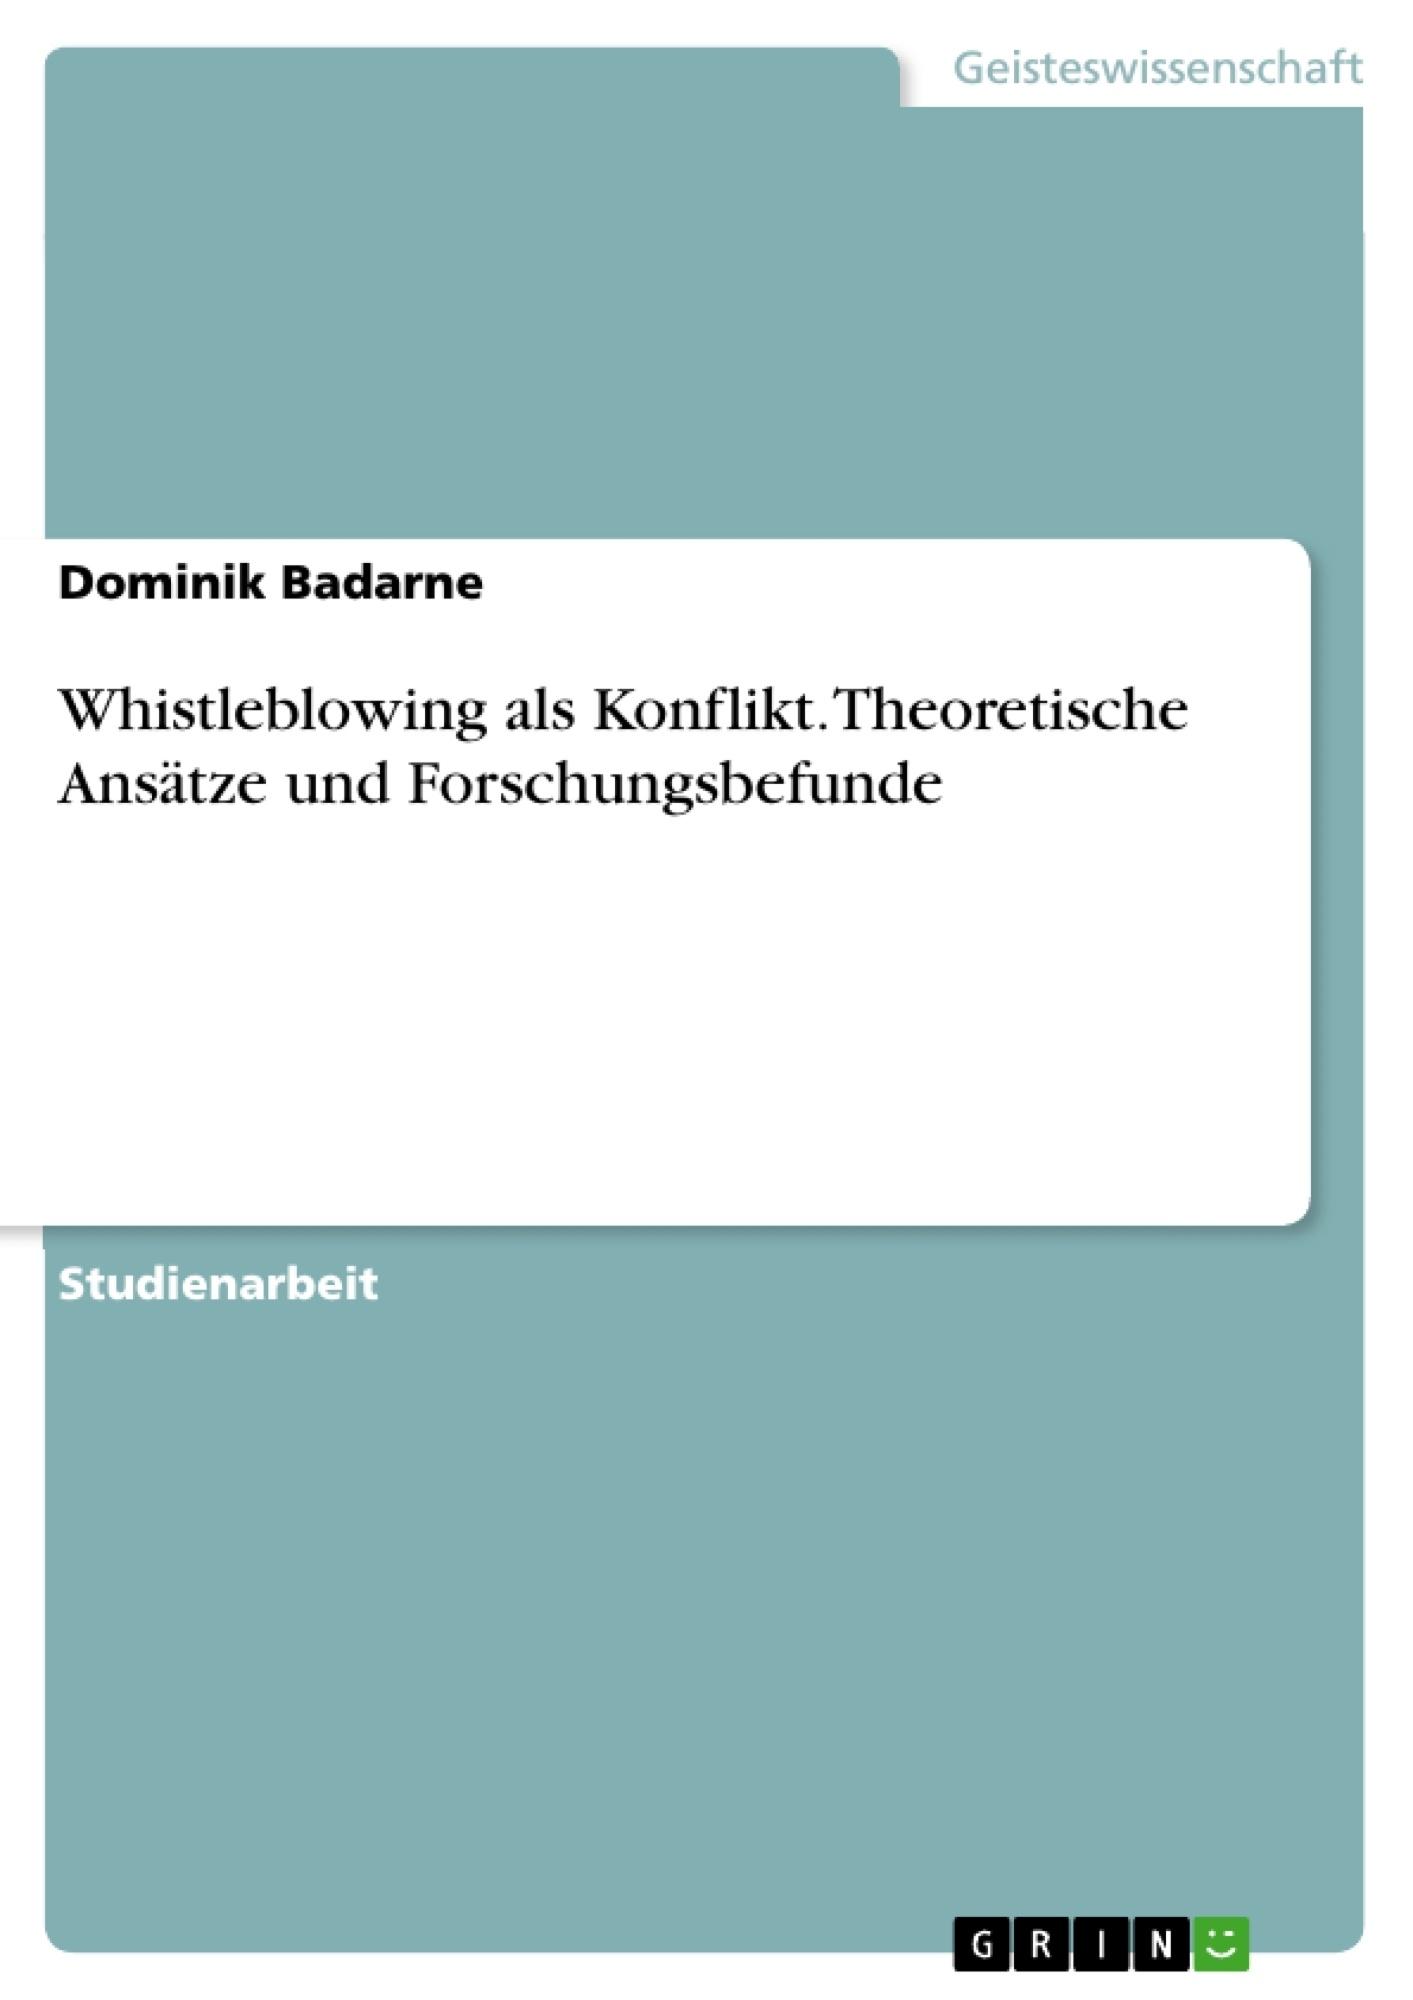 Titel: Whistleblowing als Konflikt. Theoretische Ansätze und Forschungsbefunde